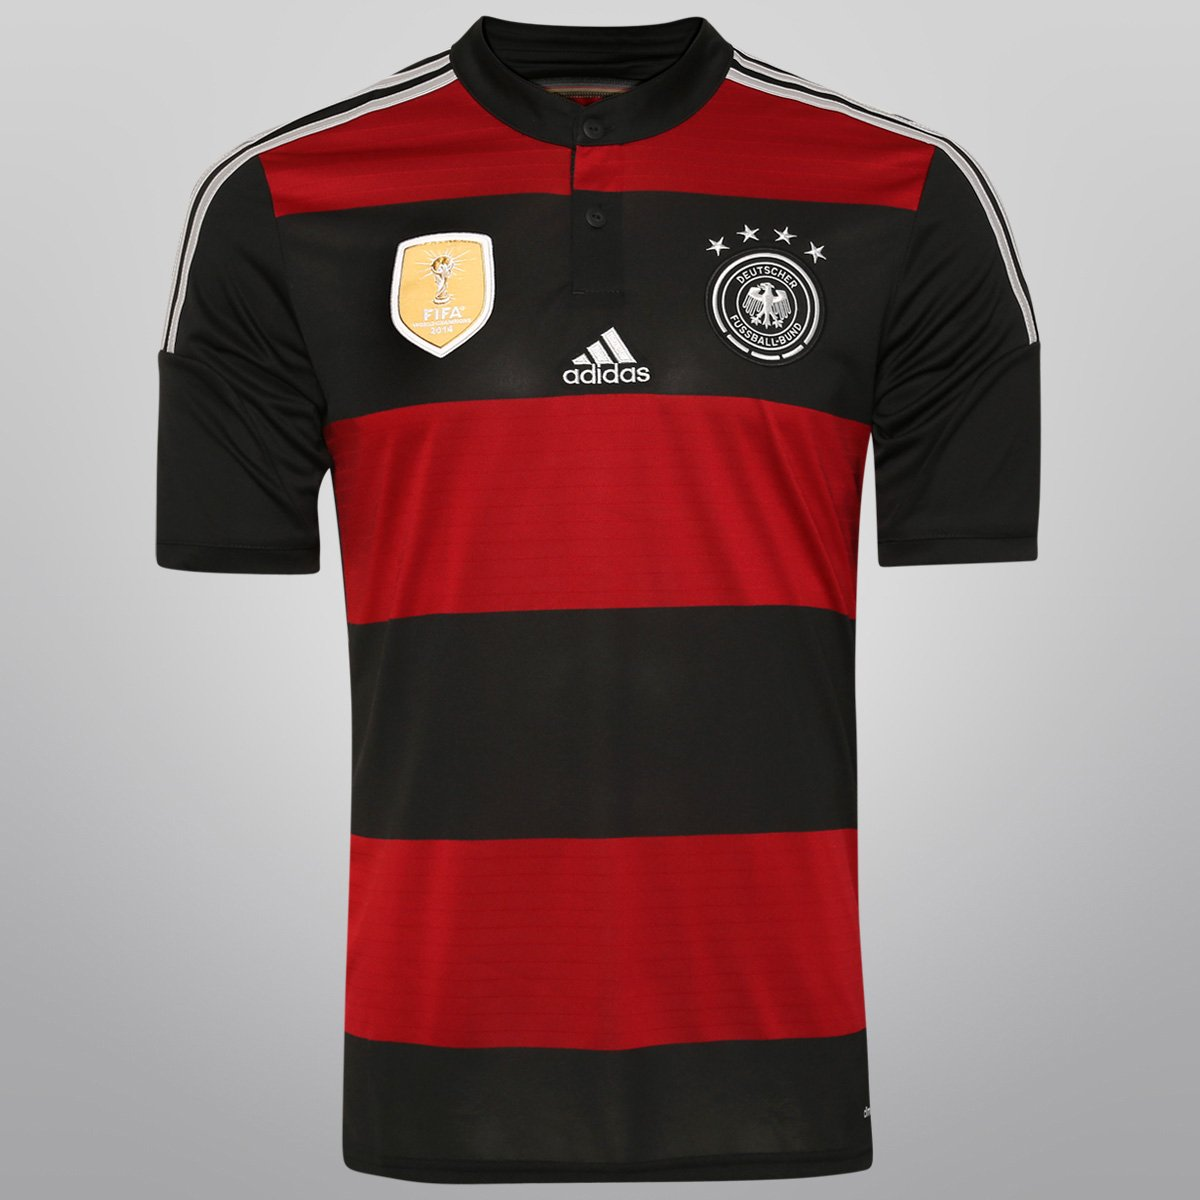 63a8a6cff4 Camisa Adidas Seleção Alemanha Away 14 15 s n° - Tetracampeã Mundial -  Compre Agora